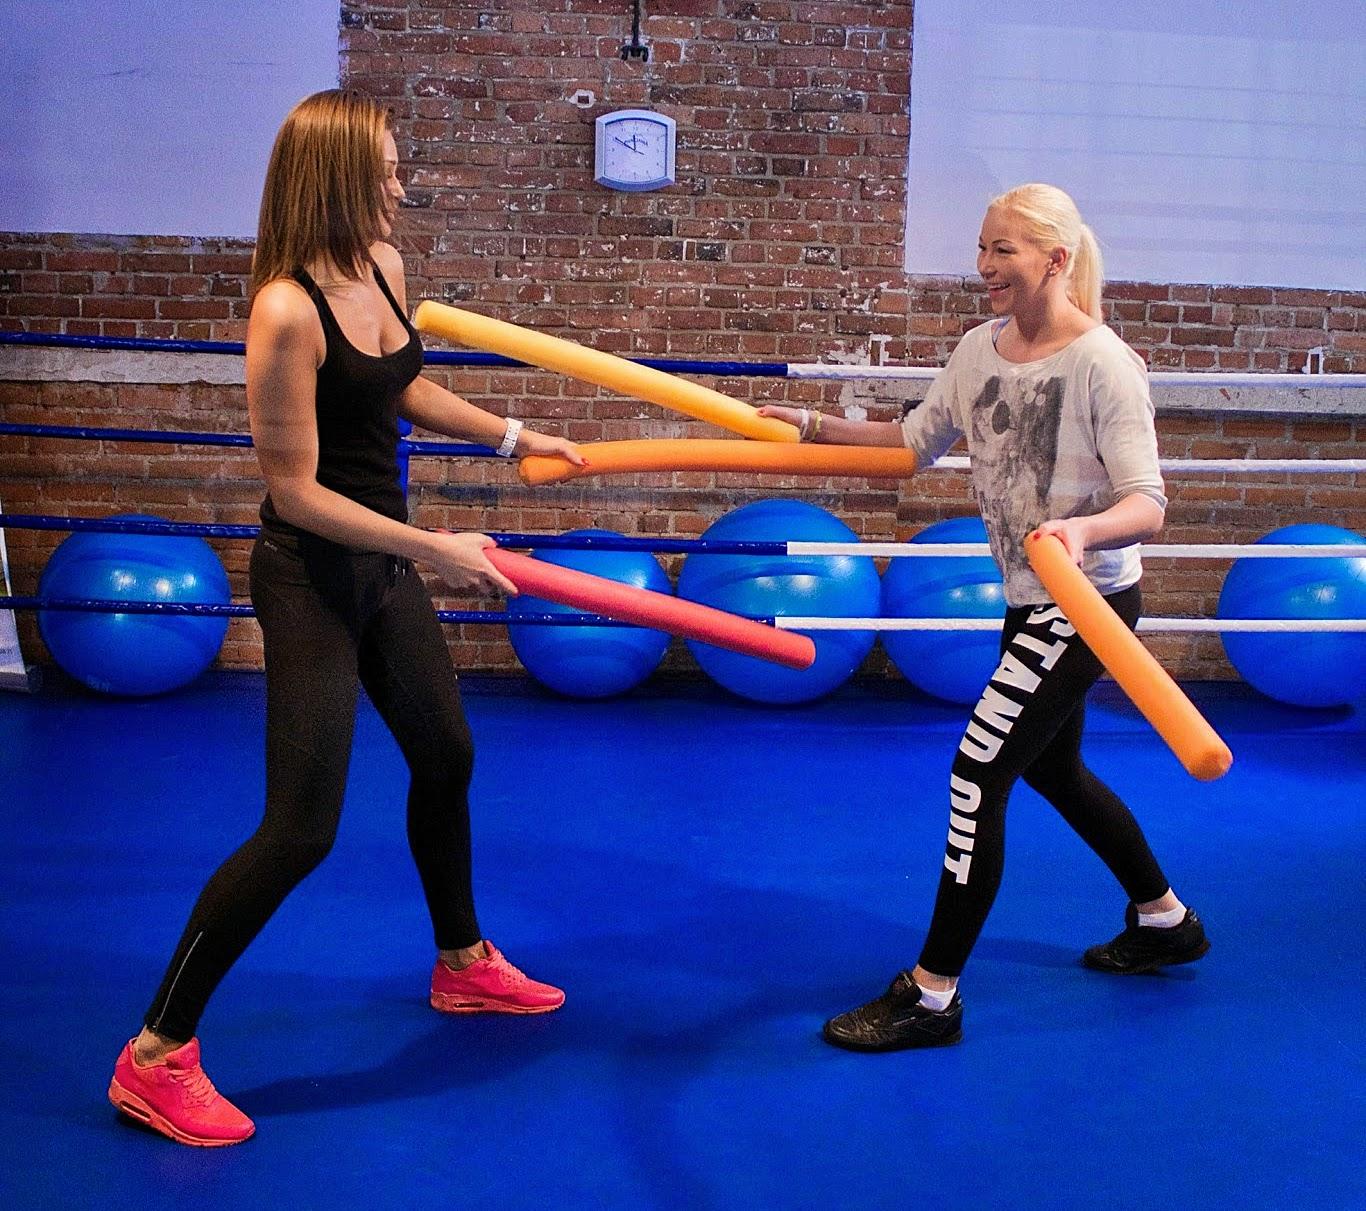 trening, kobiety, kobieta, dla kobiet, sport, zdrowie, boks, kickboxing, muay thai, Emilia Czerwińska, ul. Dworcowa 31, sala bokserska,